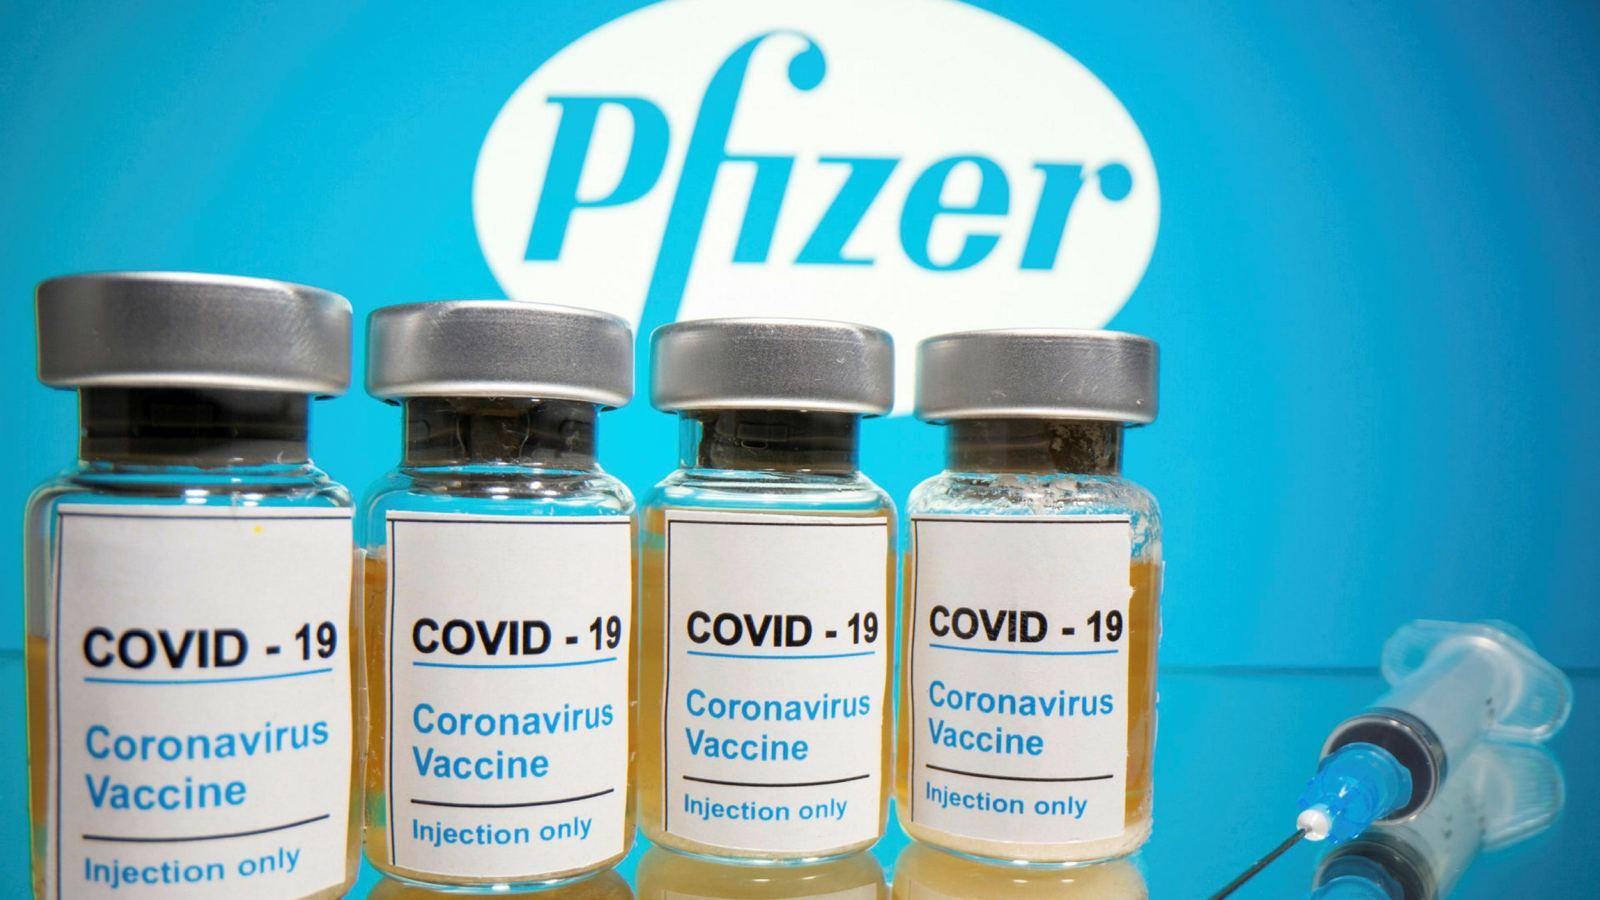 sind-mrna-partikel-aus-corona-impfungen-gefahrlich-oder-nicht?-|-anti-spiegel